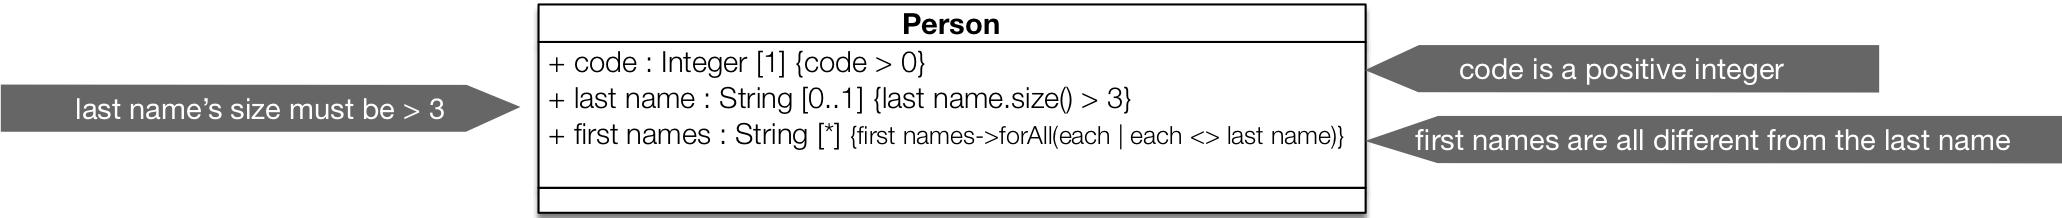 src/images/person-constraints.png